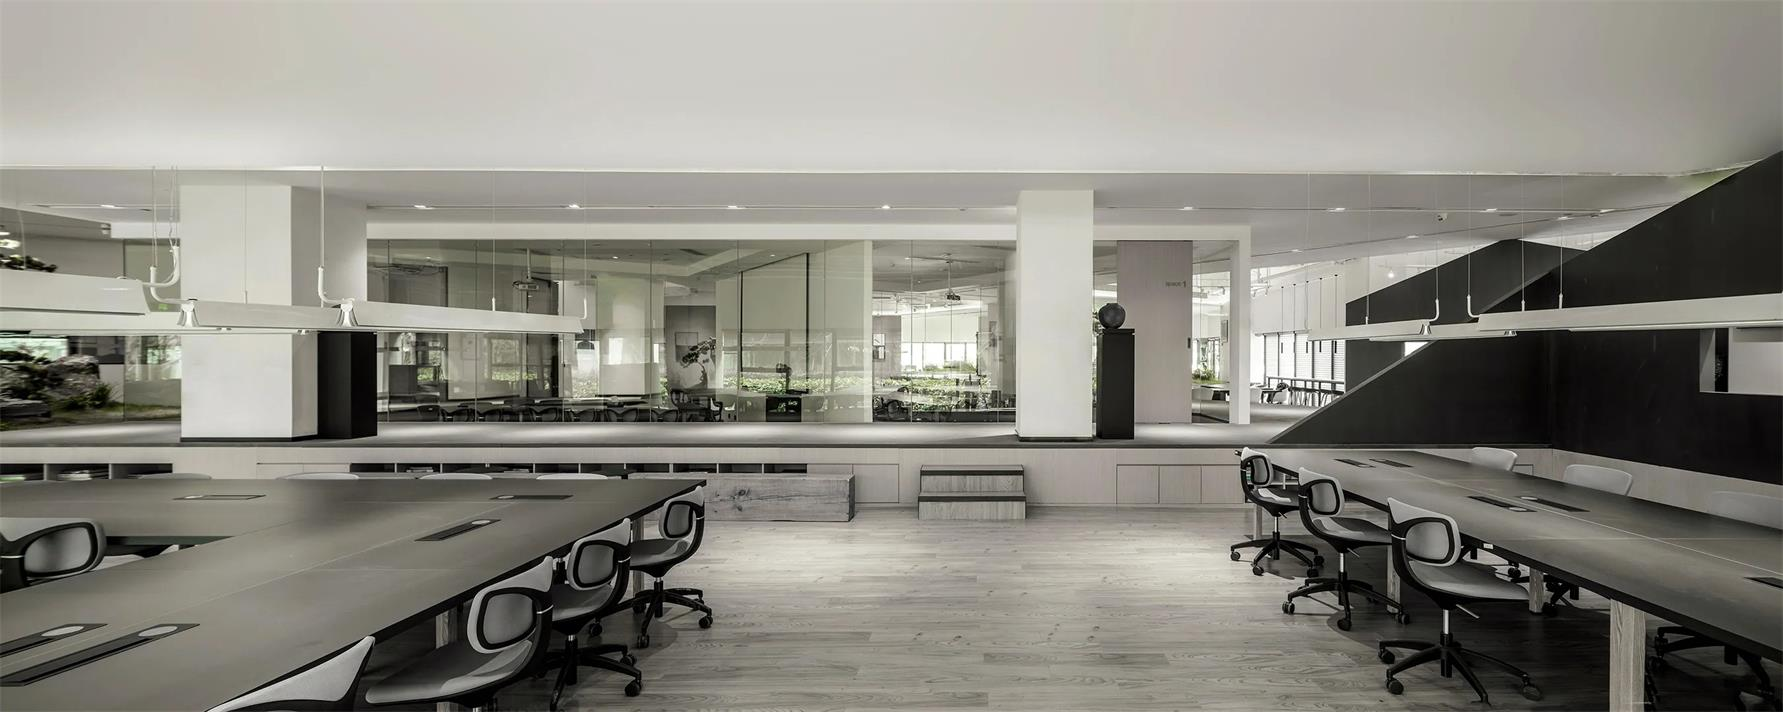 共享办公区域设计概览